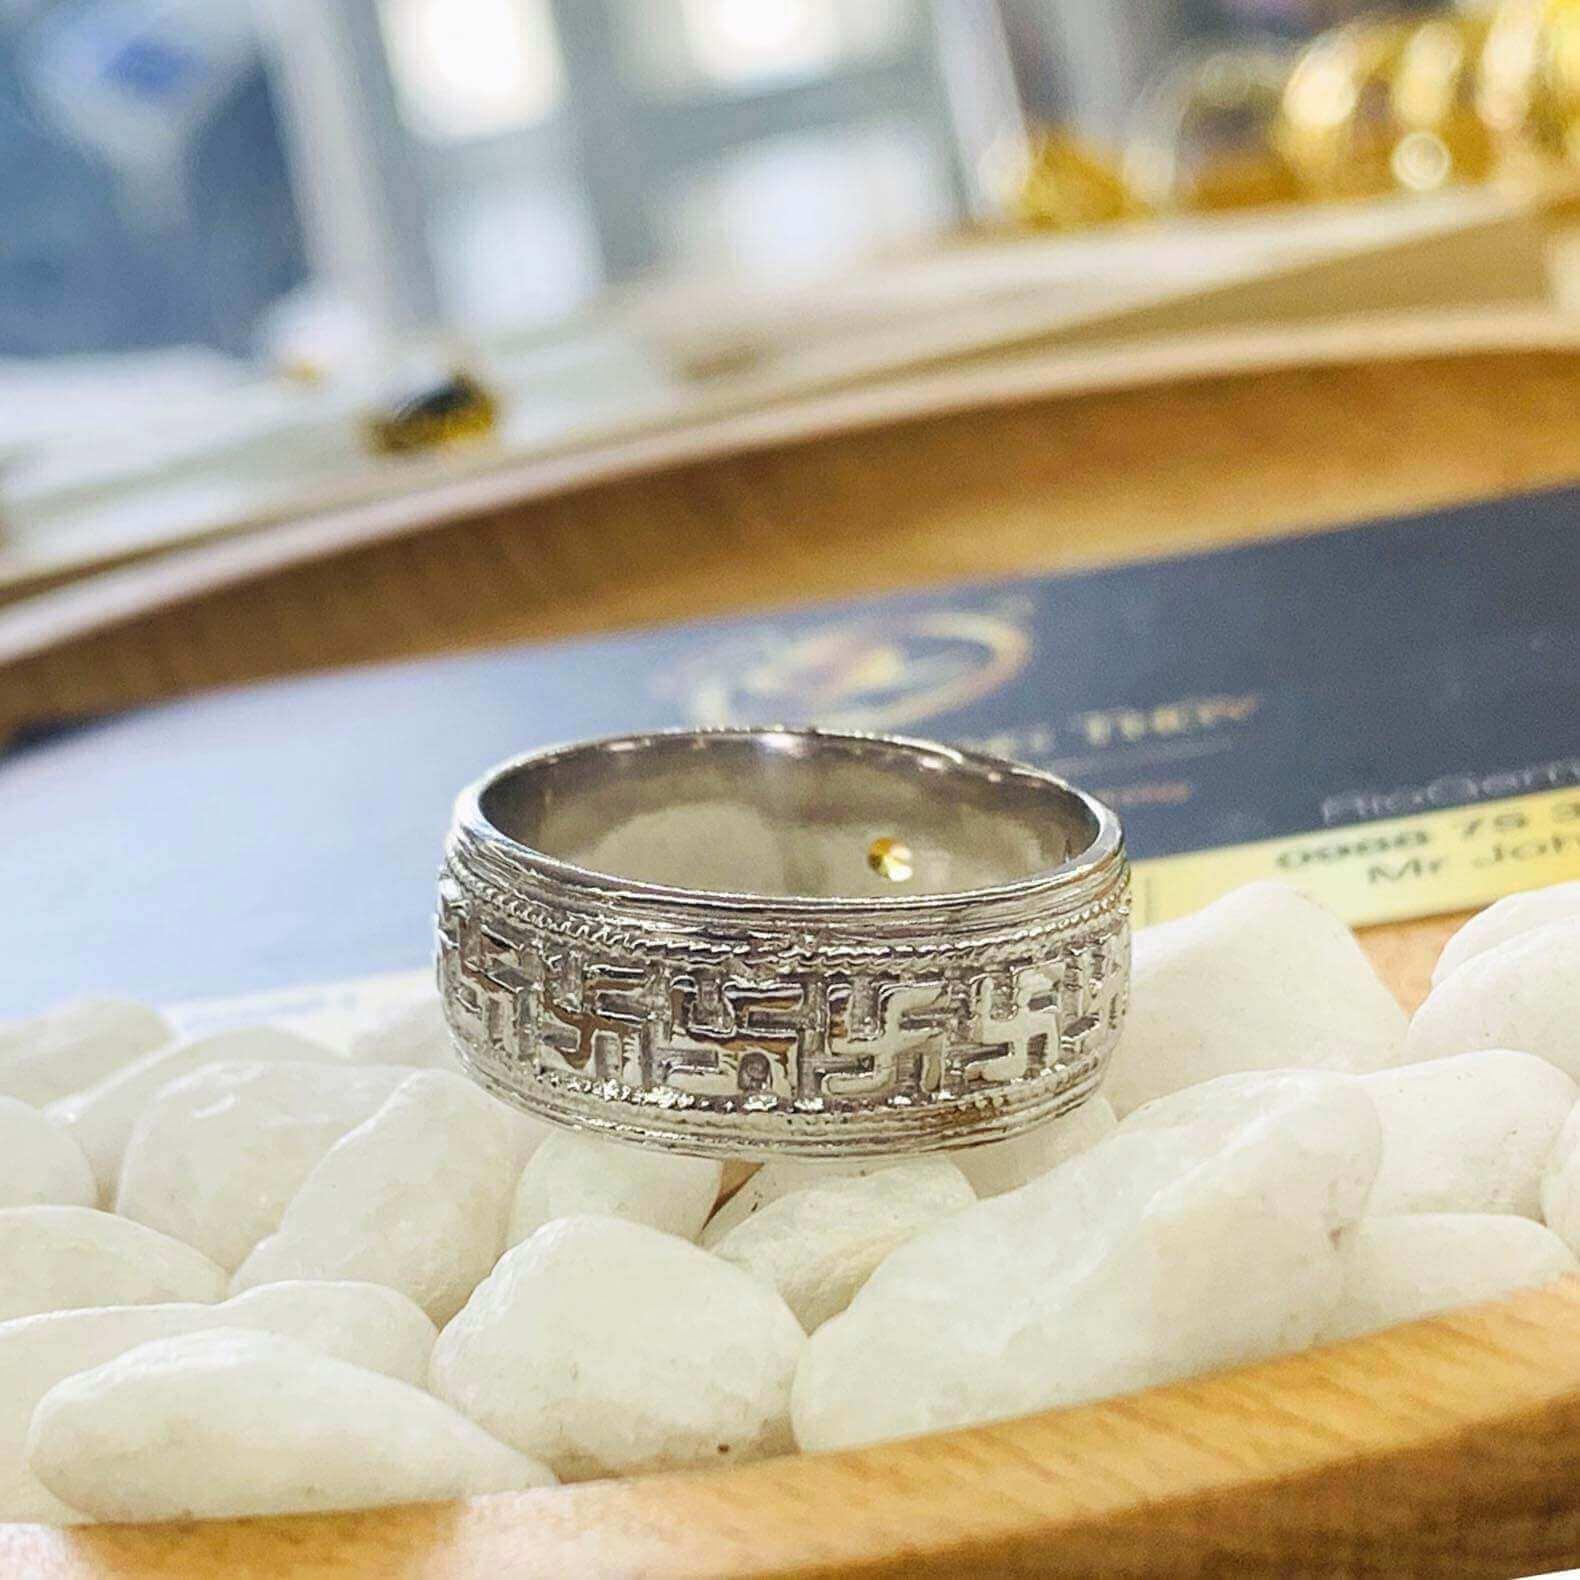 NHẪN chữ Vạn NỔI vàng trắng 18K đính Citrine mang thương hiệu Riogems